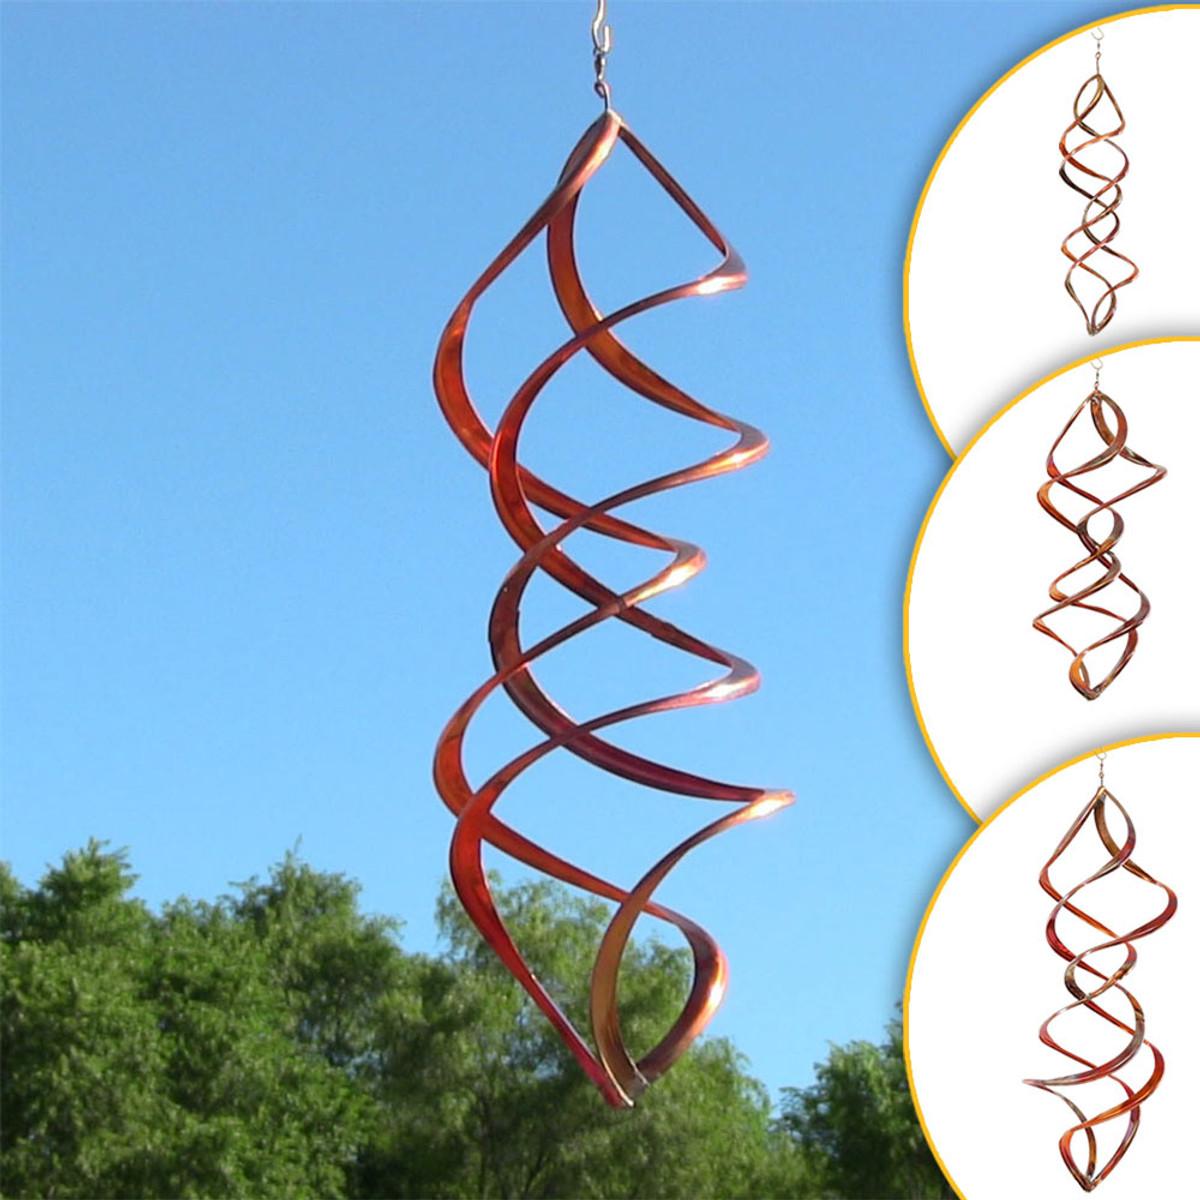 Sunnydaze Vortex Copper Wind Spinner – Outdoor Spinner